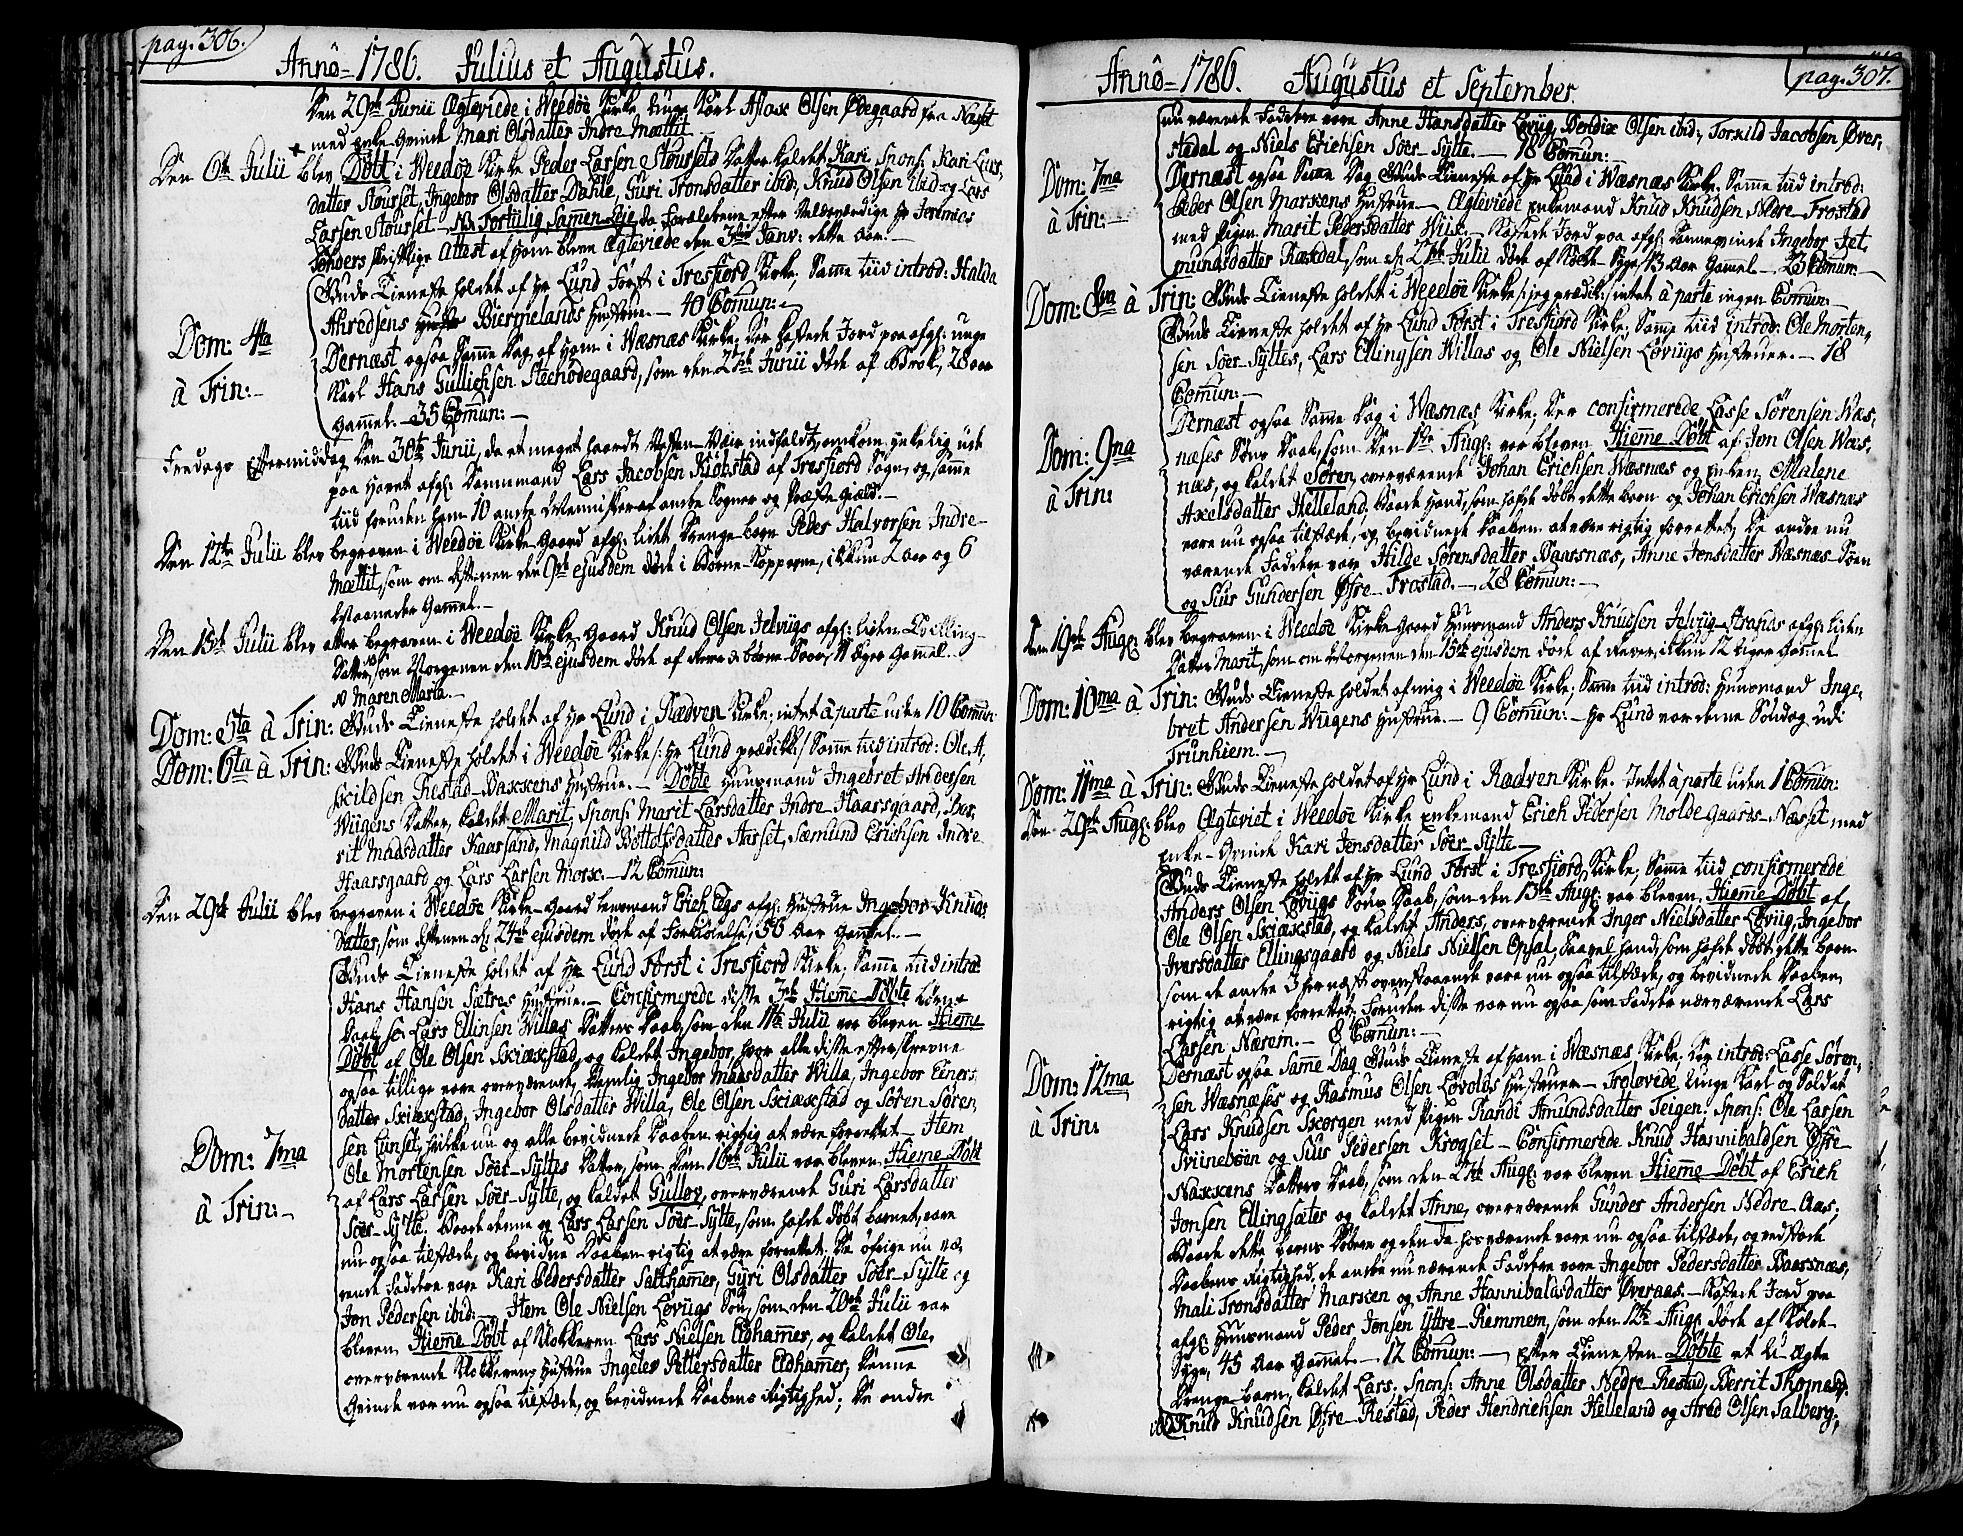 SAT, Ministerialprotokoller, klokkerbøker og fødselsregistre - Møre og Romsdal, 547/L0600: Ministerialbok nr. 547A02, 1765-1799, s. 306-307